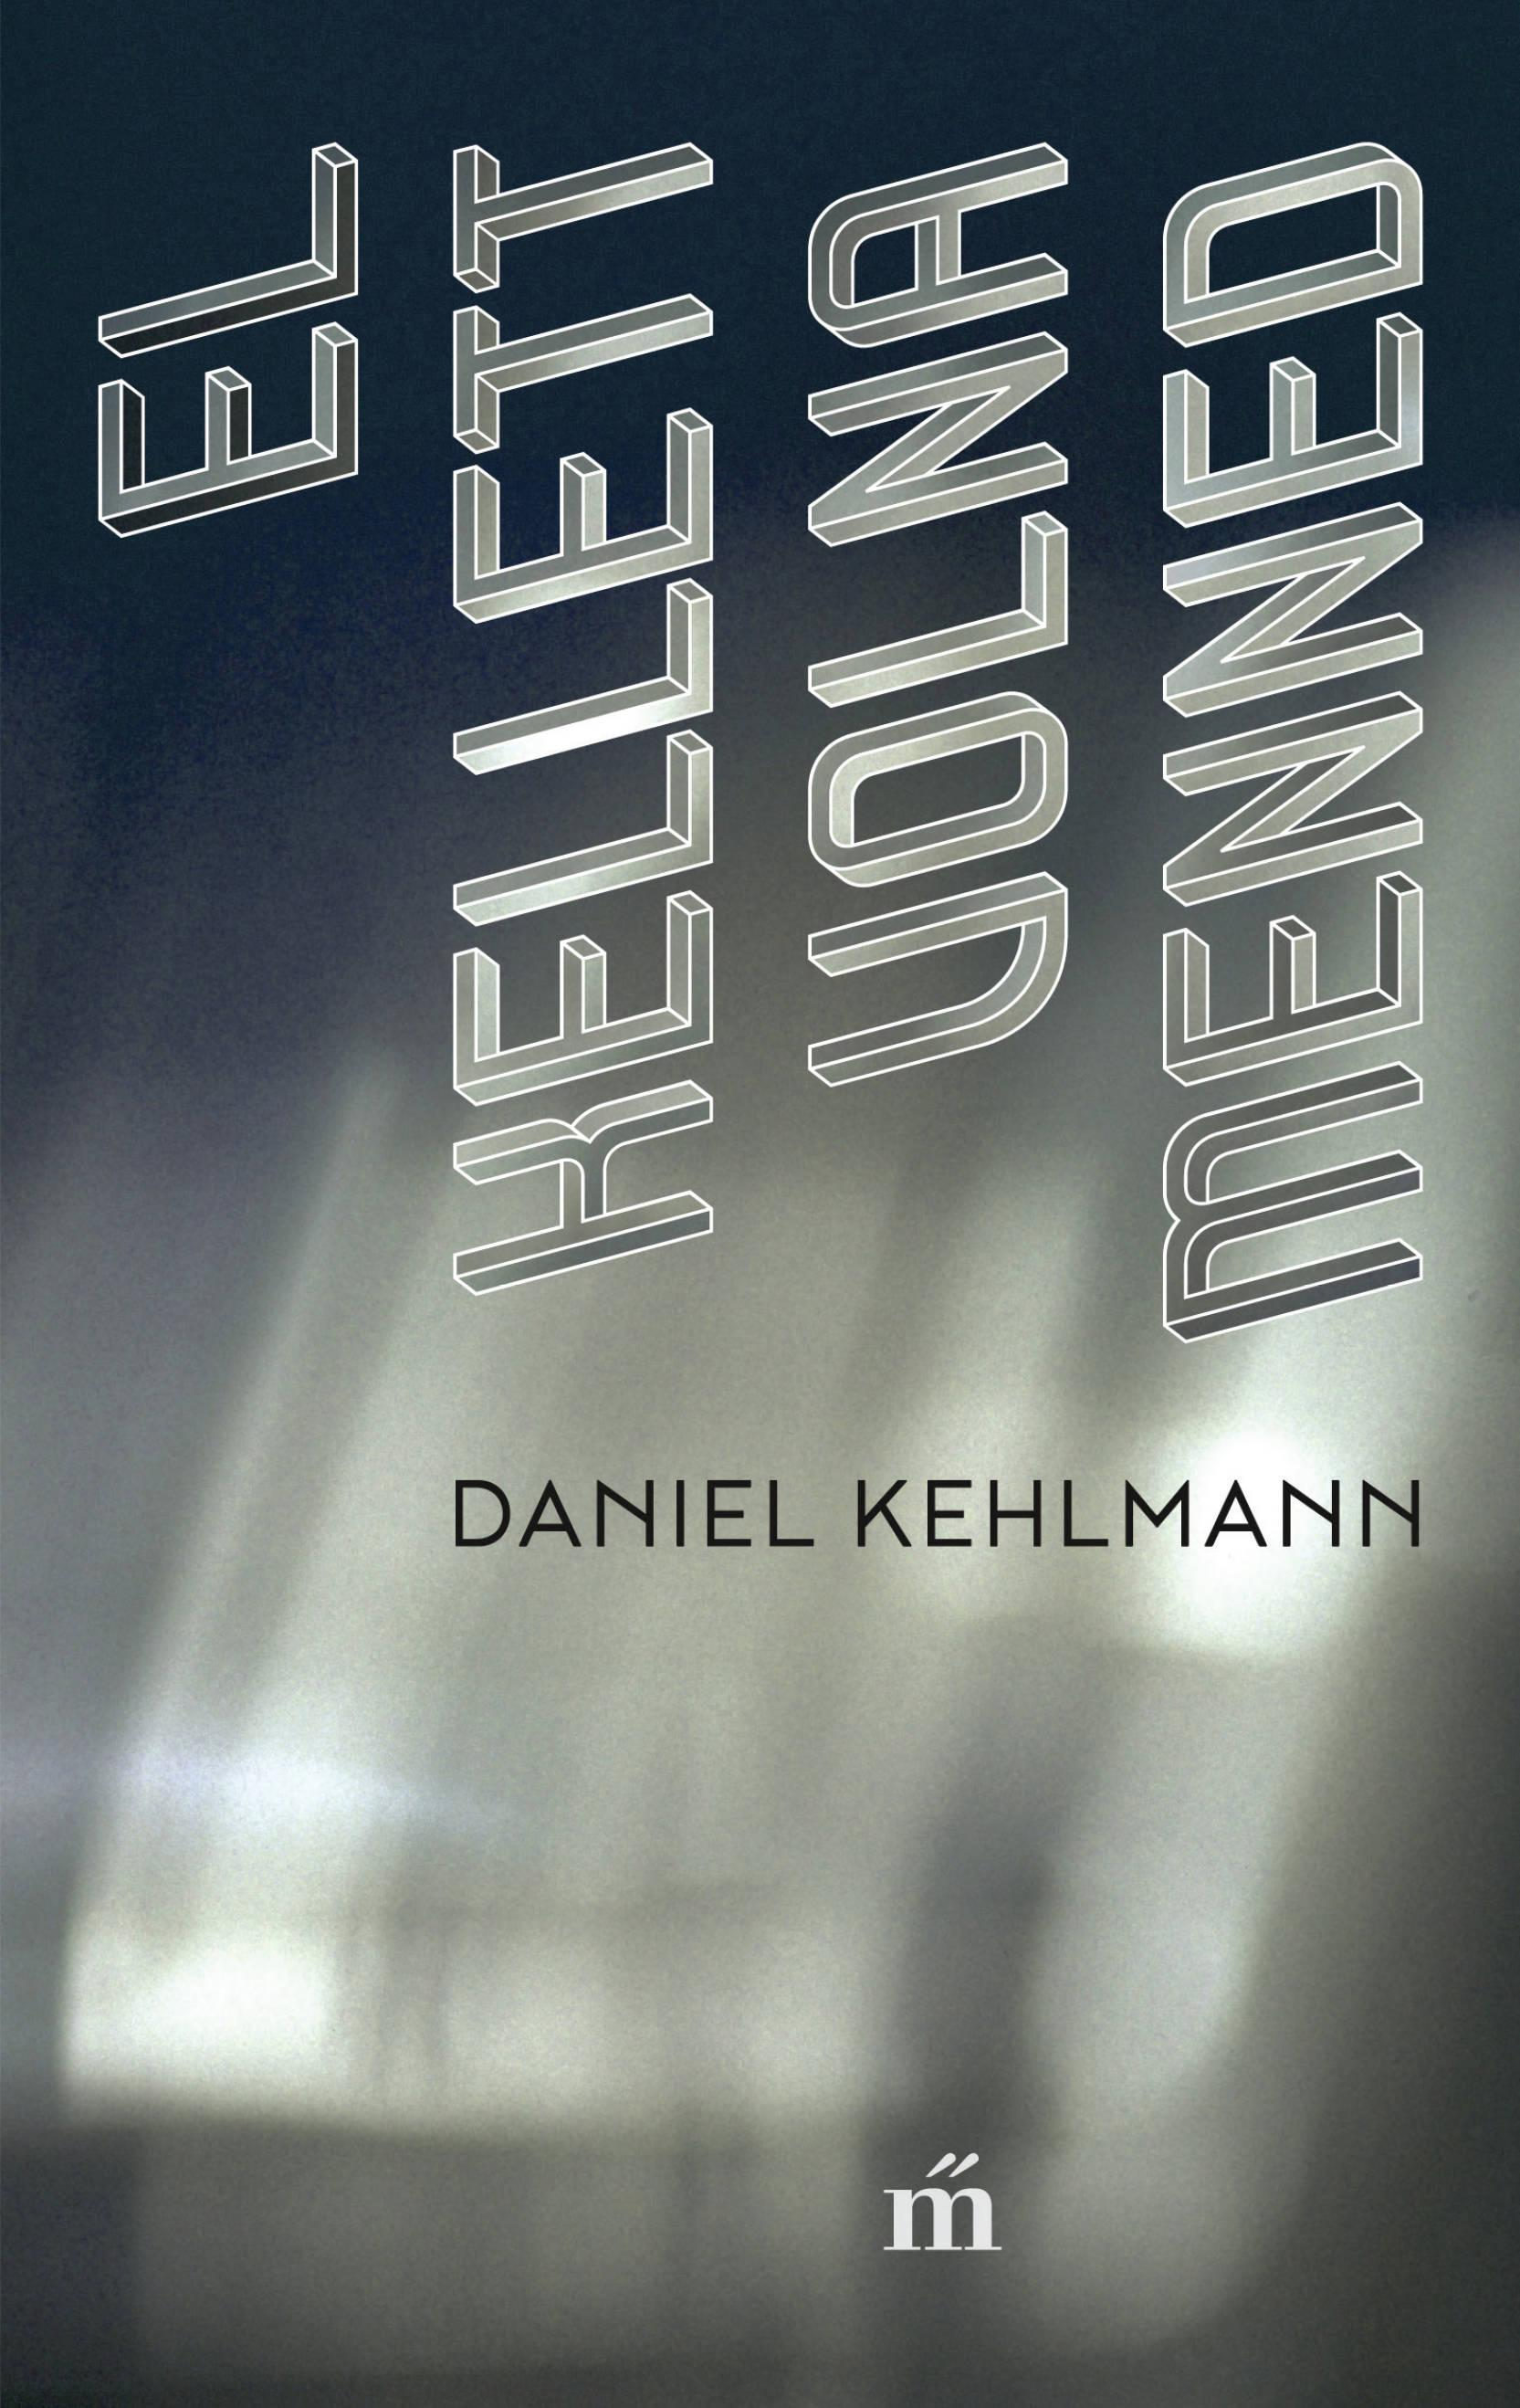 Kehlmann, Daniel - El kellett volna menned